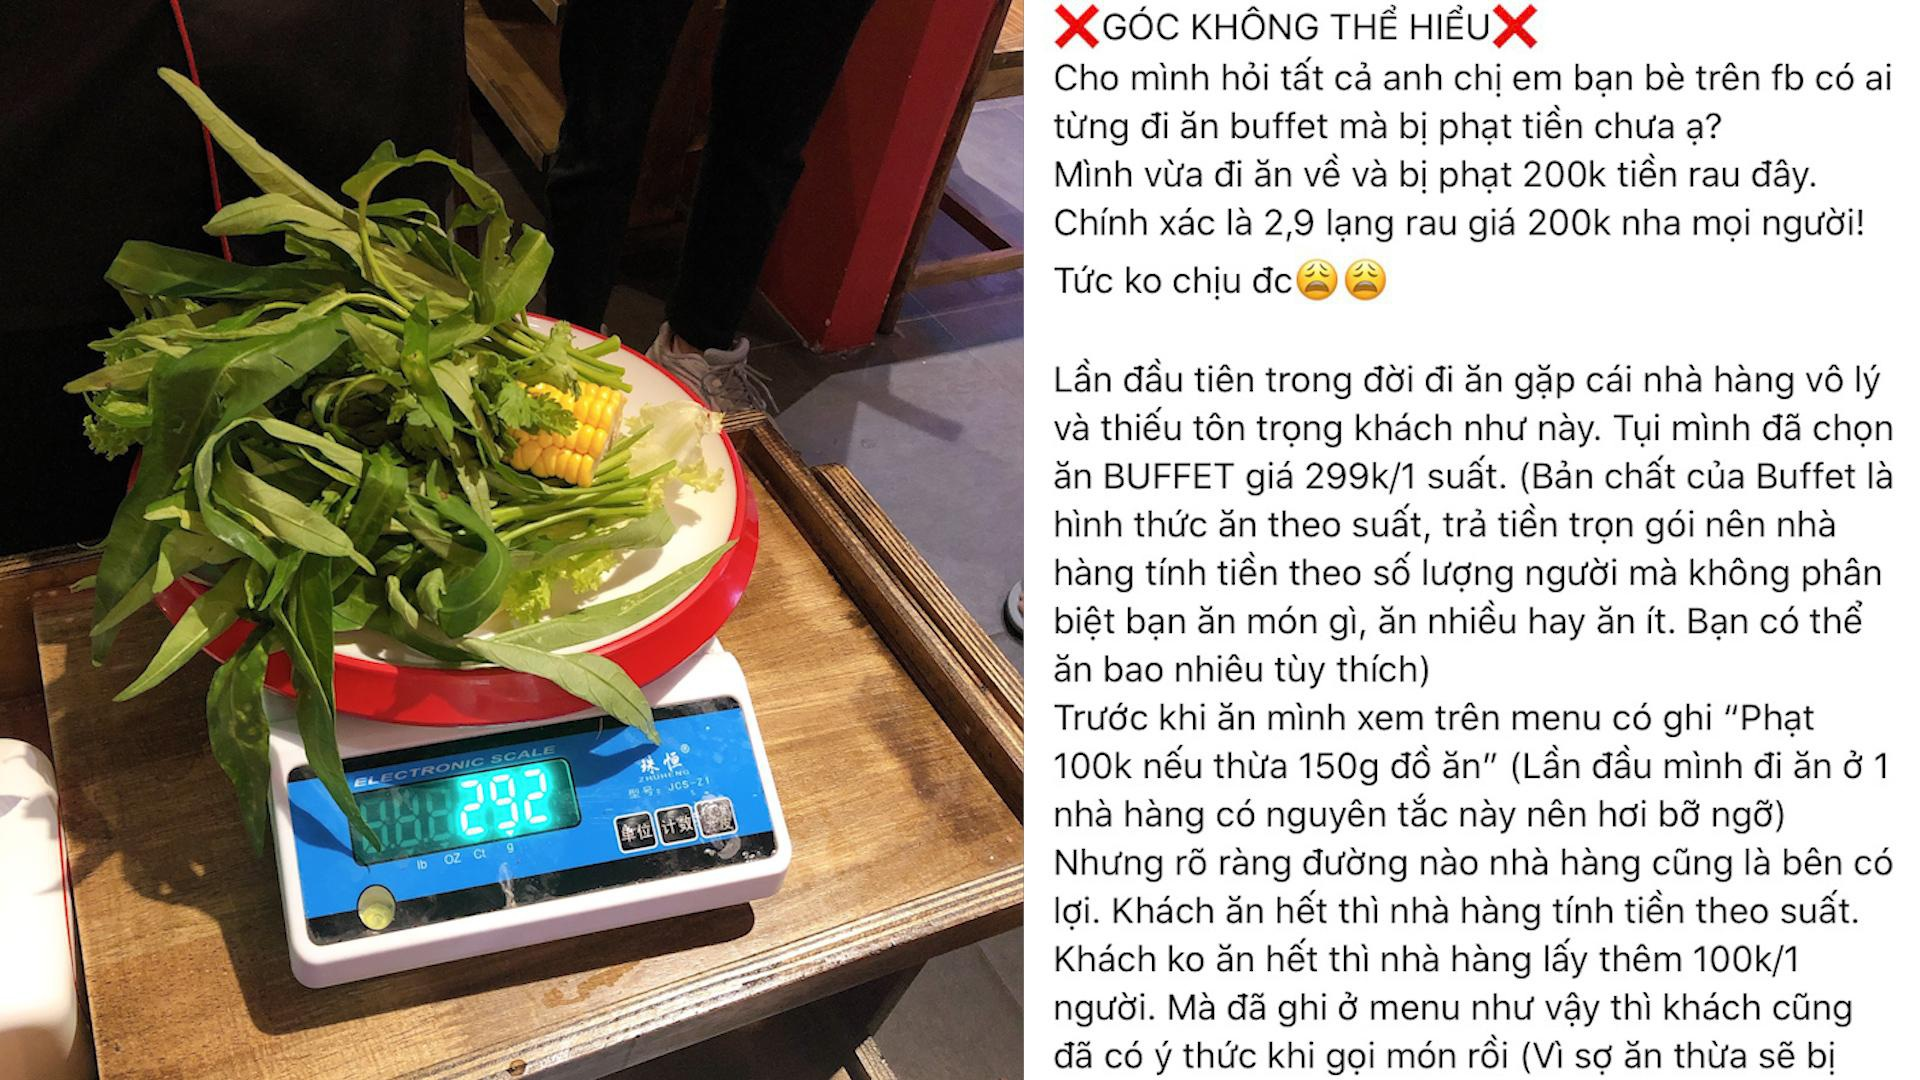 Đi ăn buffet, thực khách bị phạt 200 ngàn đồng vì để thừa... 2,9 lạng rau